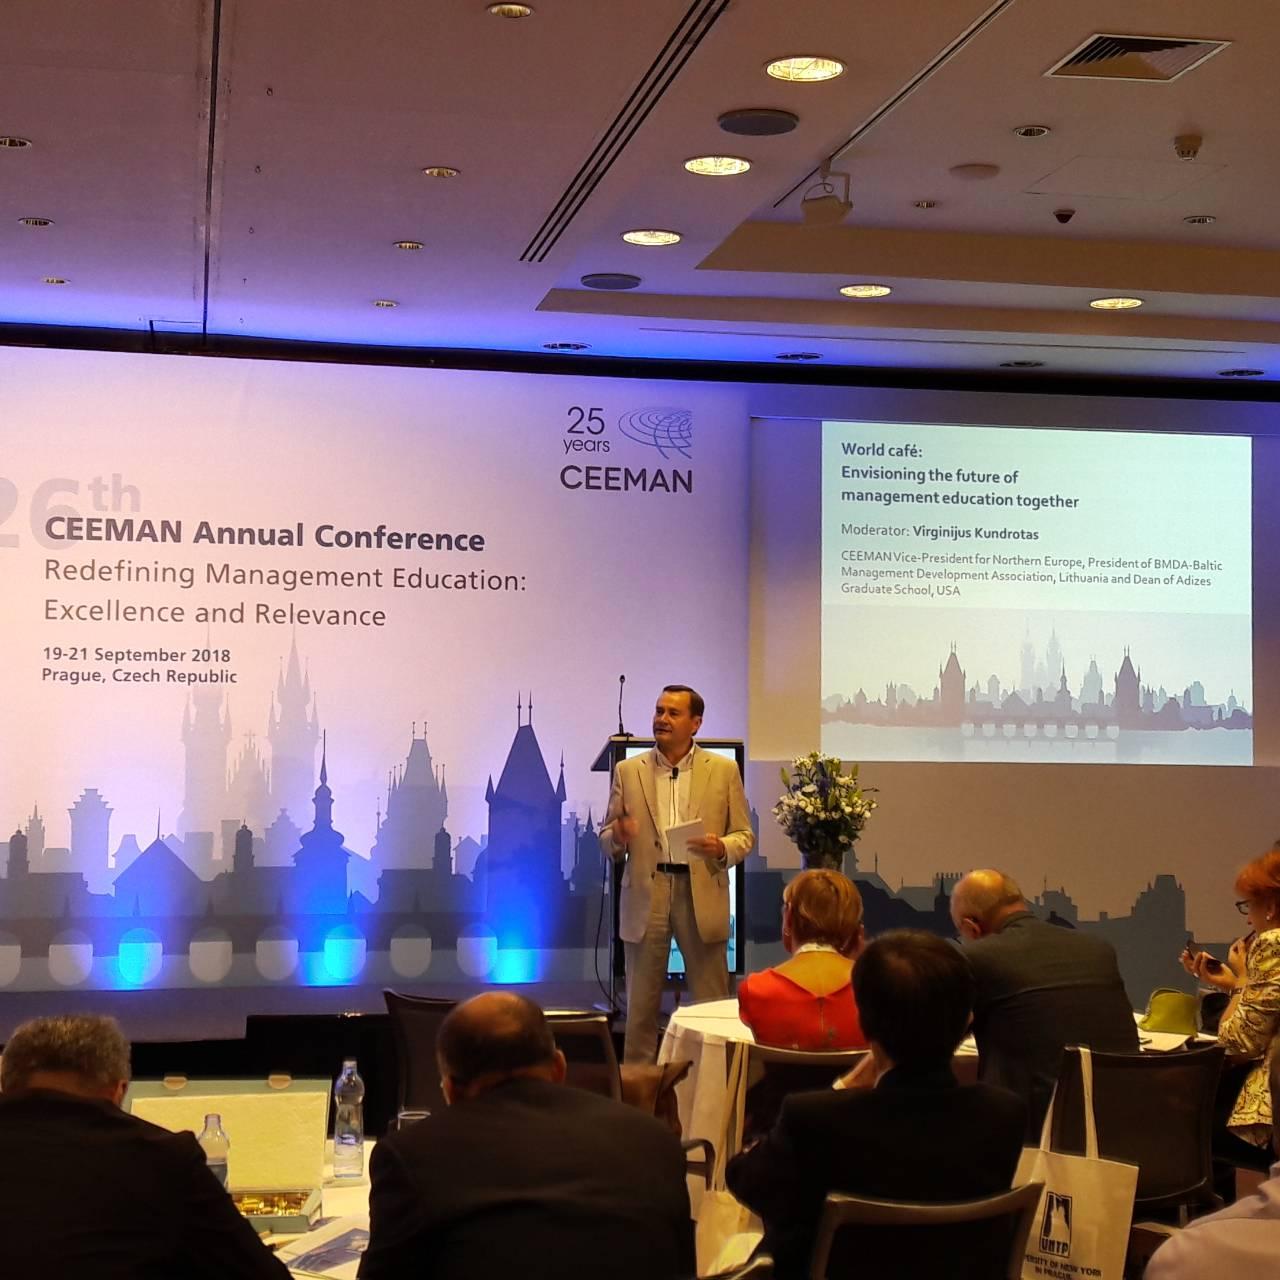 Adizes Instituto Vadovo Lietuvai Indėlis Tarptautinėje Vadybos Konferencijoje Prahoje